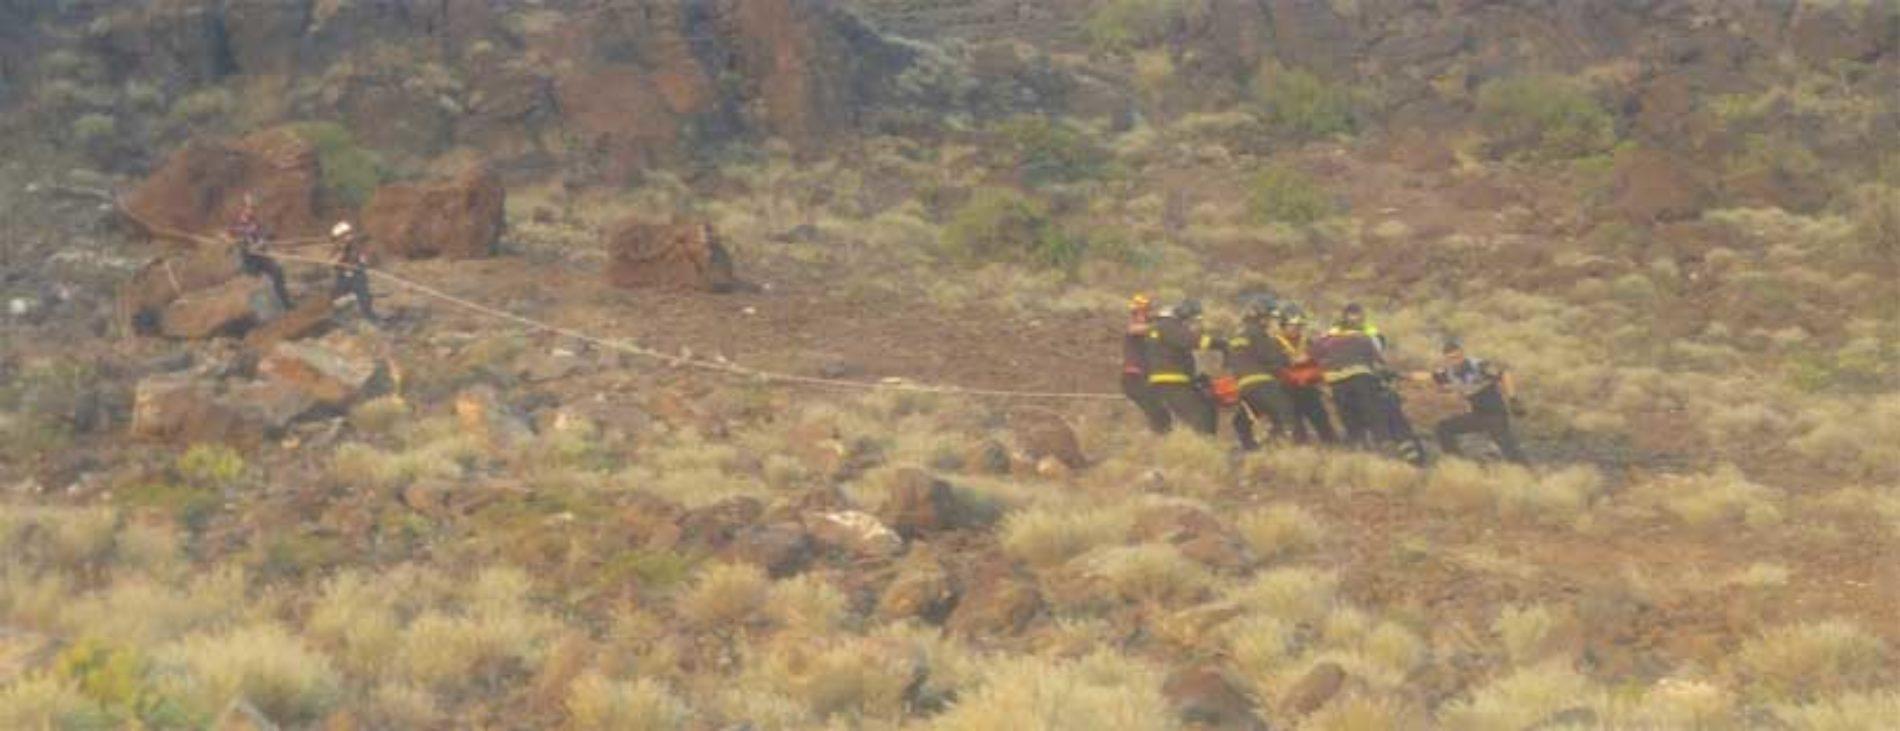 Kvinne (51) alvorlig skadd i fallulykke ved El Confital